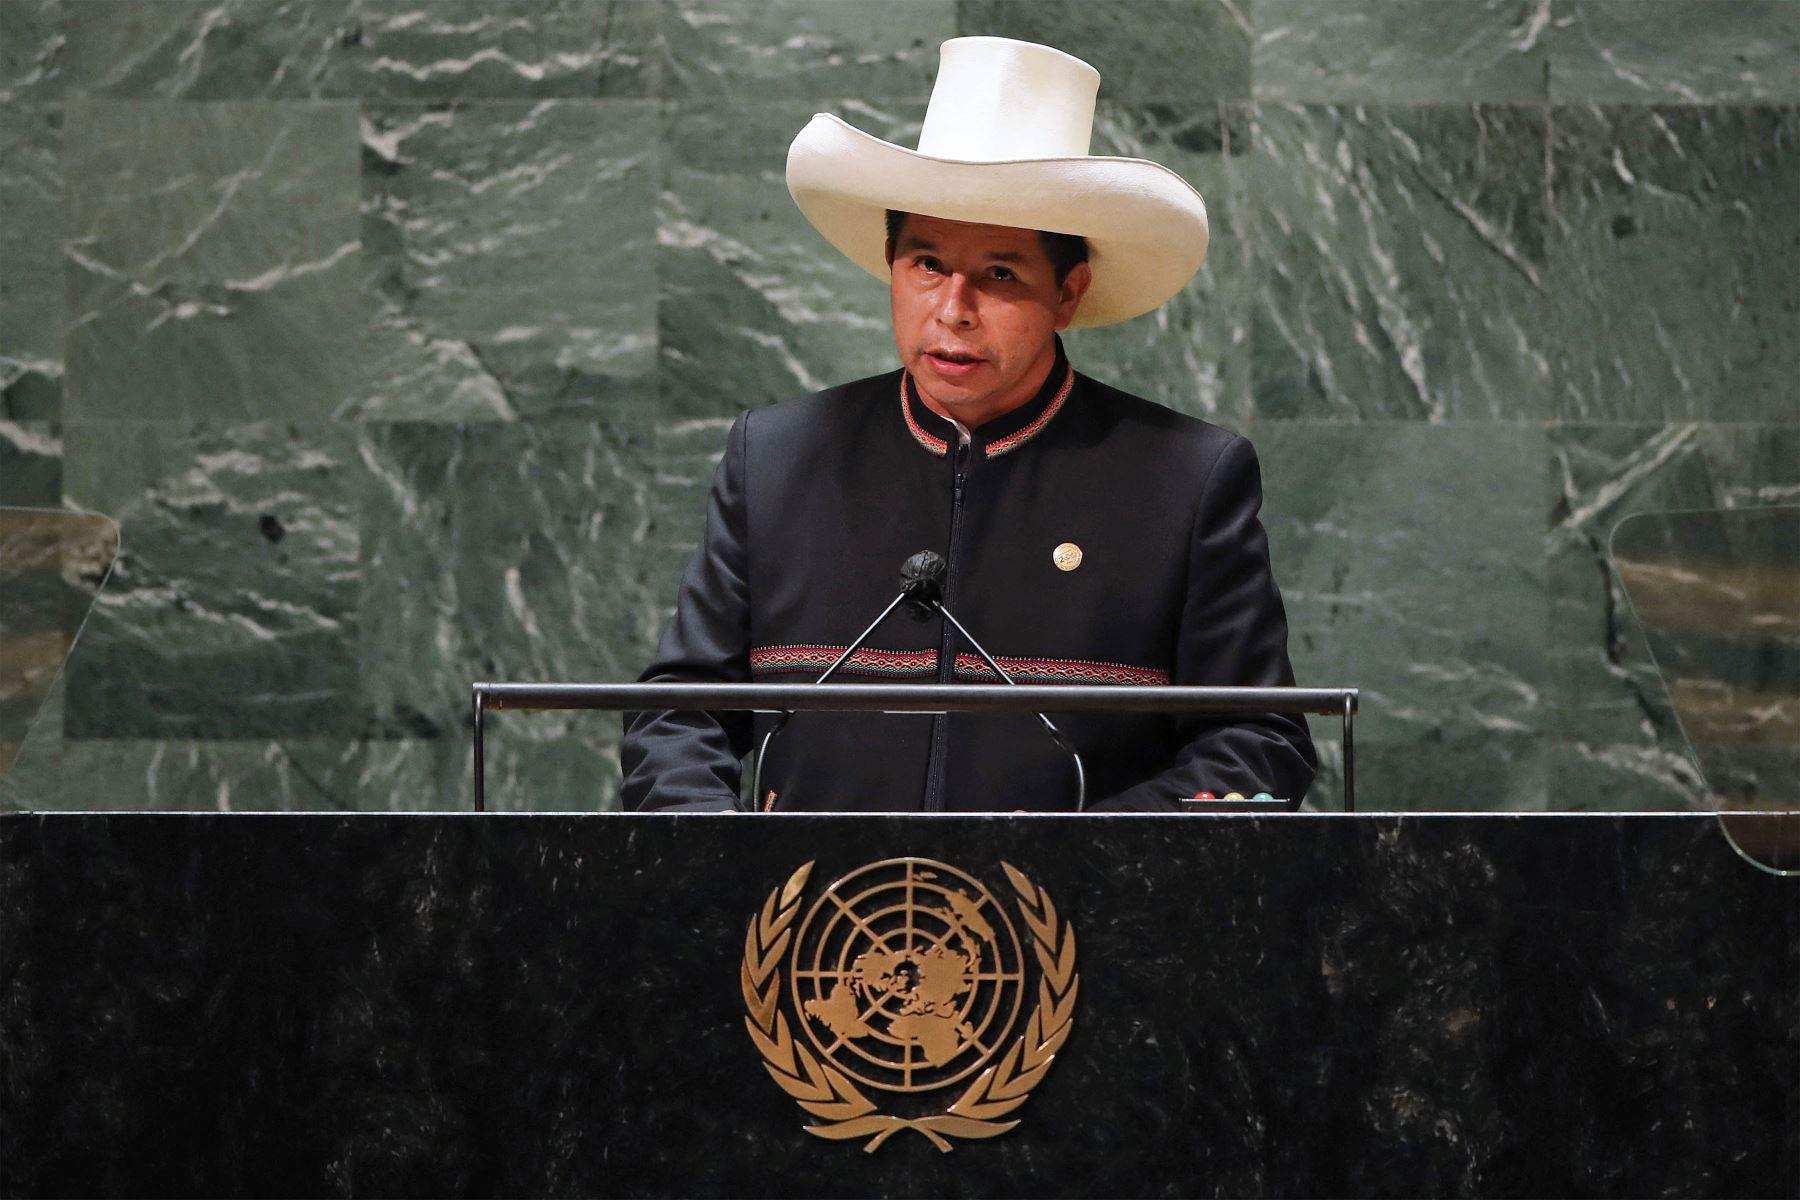 El presidente de Perú, Pedro Castillo, se dirige al 76 ° período de sesiones de la Asamblea General de la ONU en Nueva York. Foto: AFP